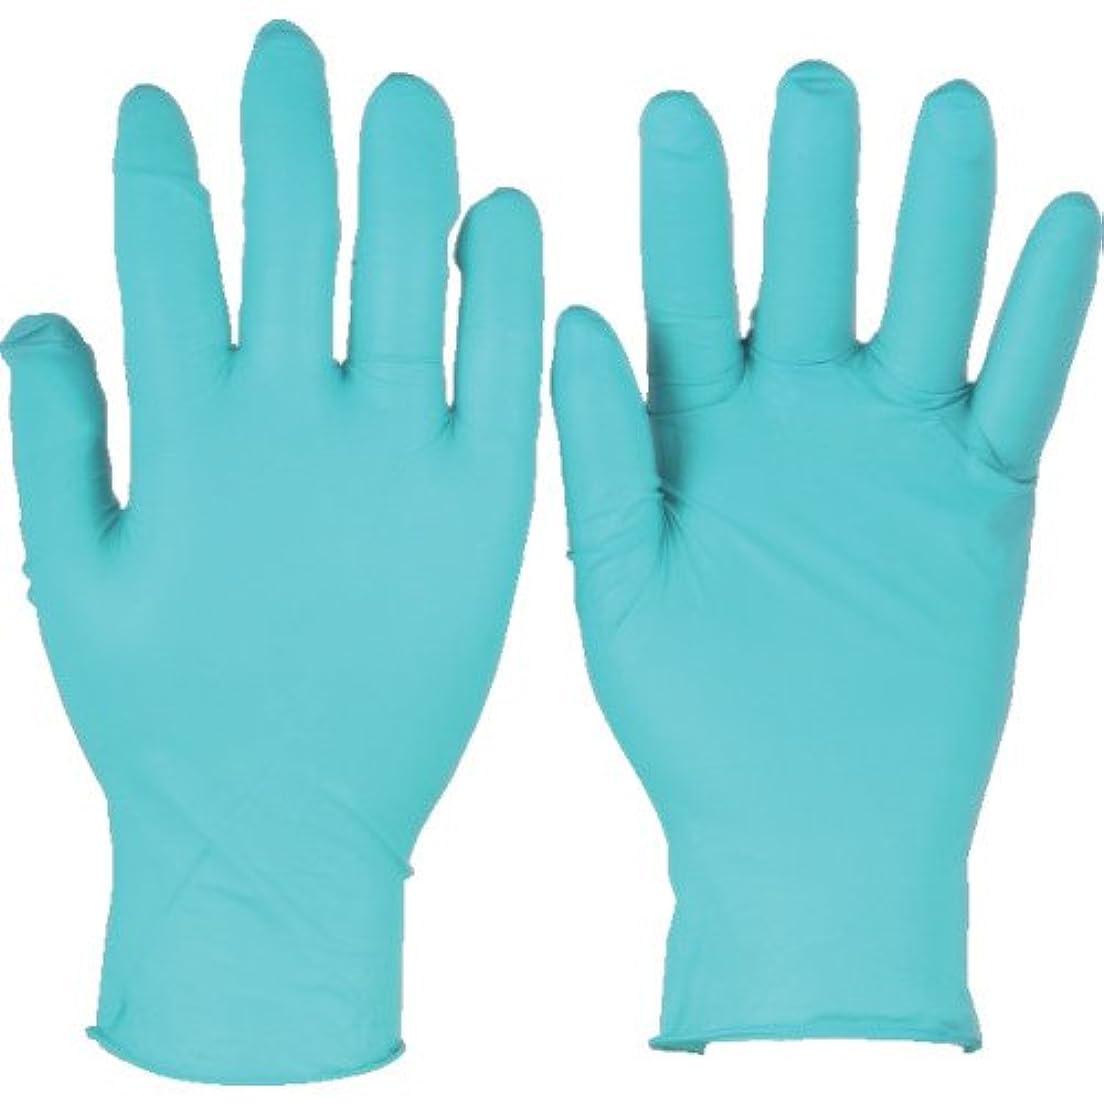 トラスコ中山 アンセル ニトリルゴム使い捨て手袋 タッチエヌタフ 粉付 Sサイズ 100枚入 925007